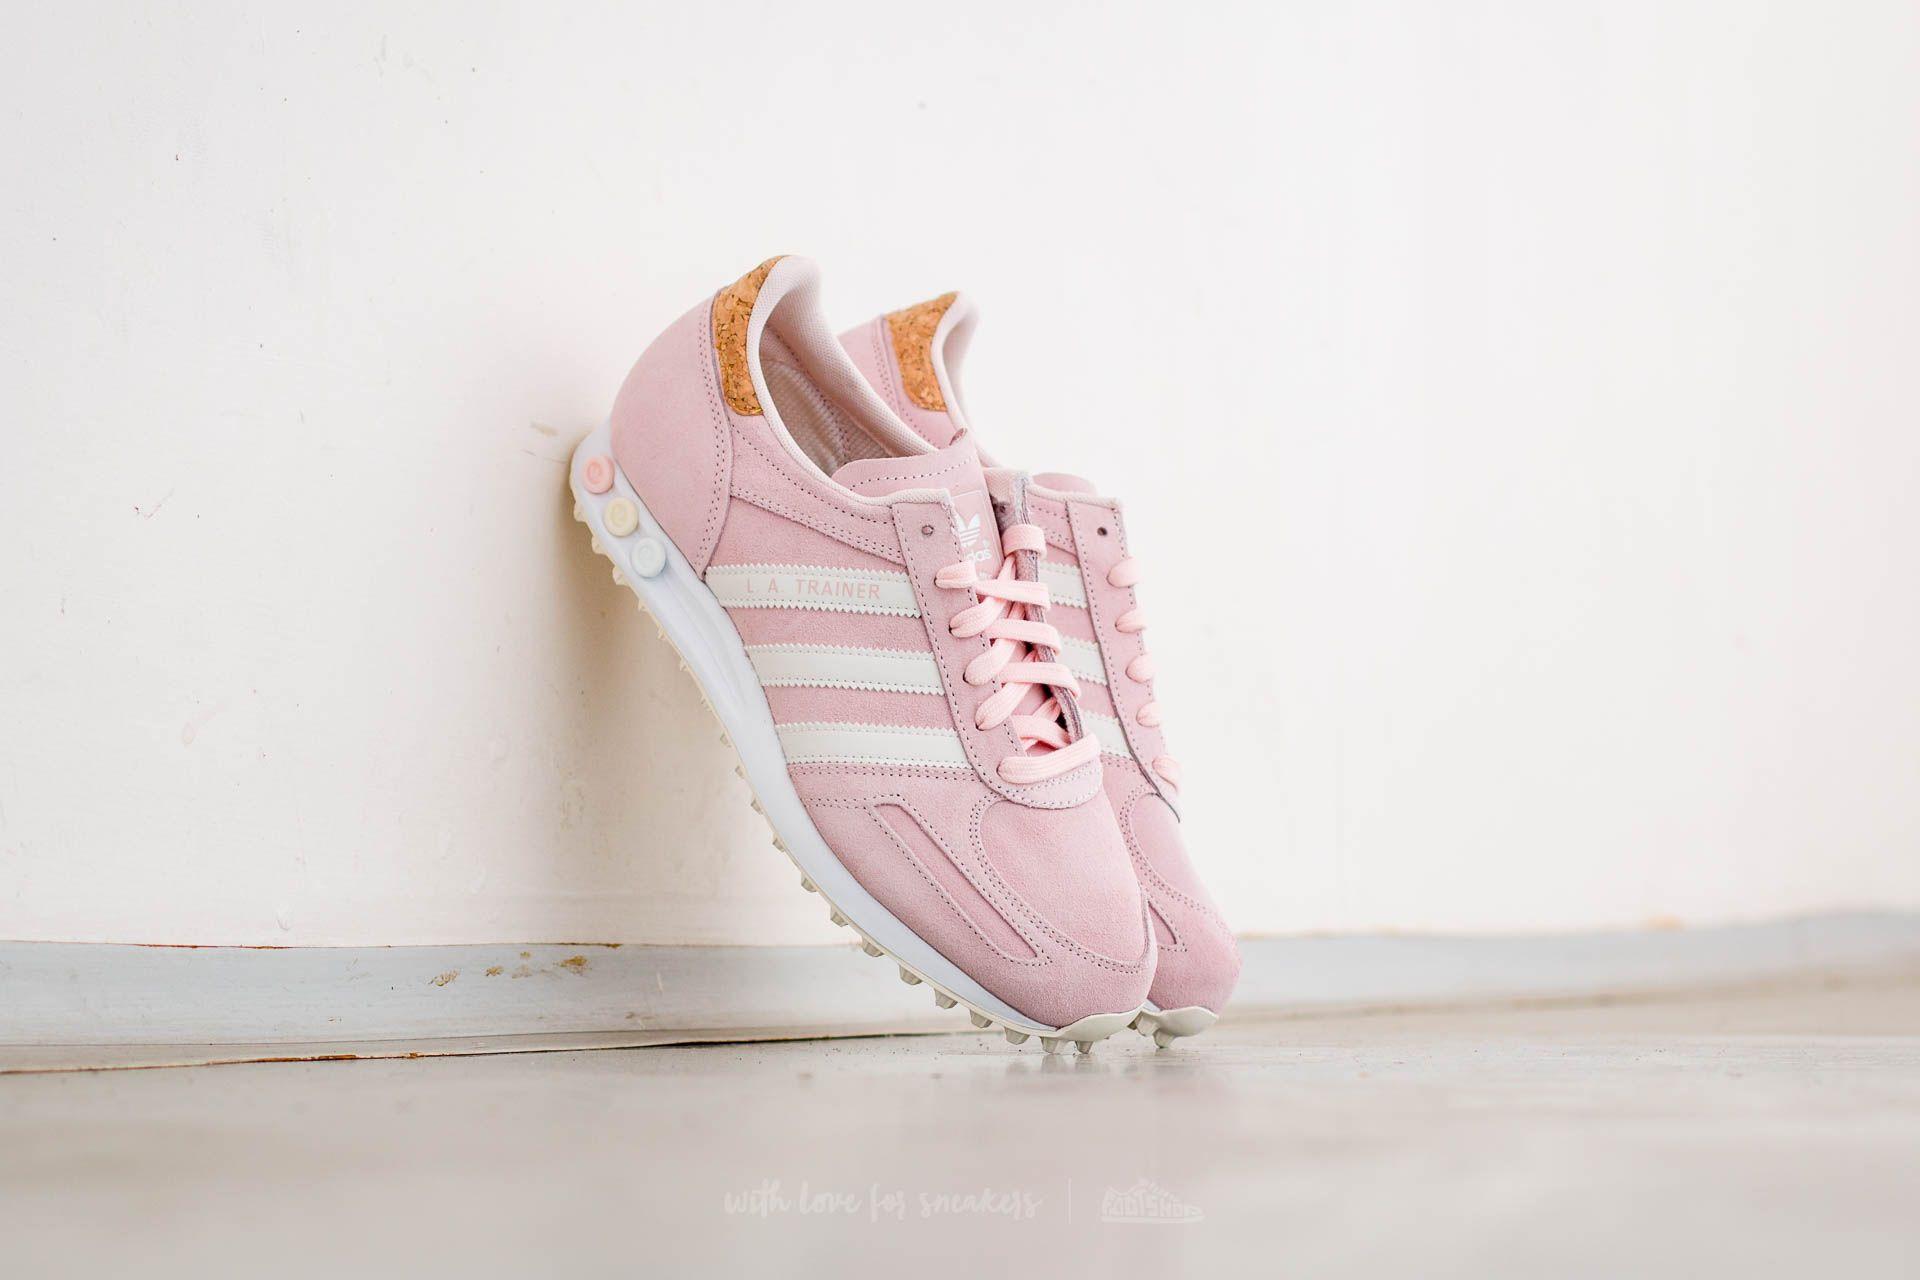 adidas LA Trainer W Halo Pink/ Off White/ Ftw White   Footshop